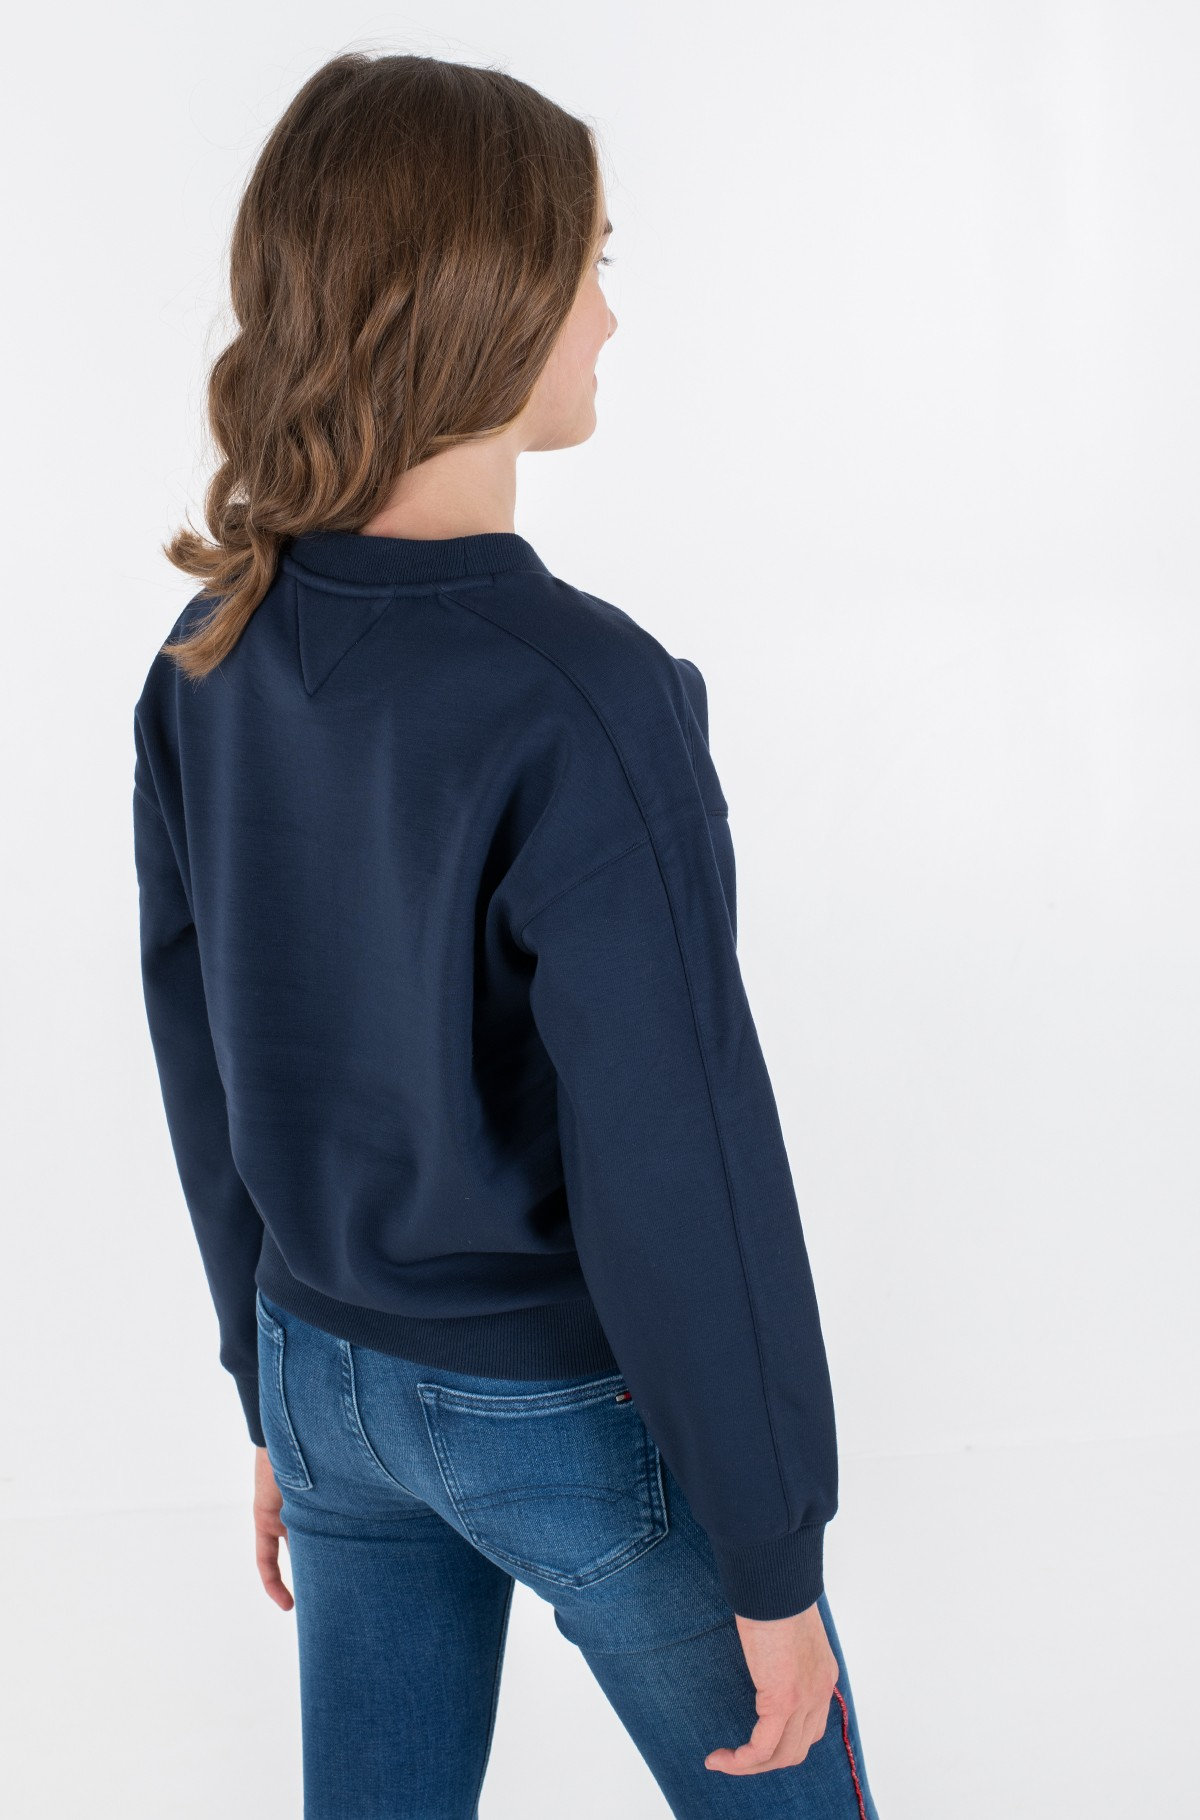 Bērnu sporta krekls ICONS LOGO CREW SWEATSHIRT-full-3